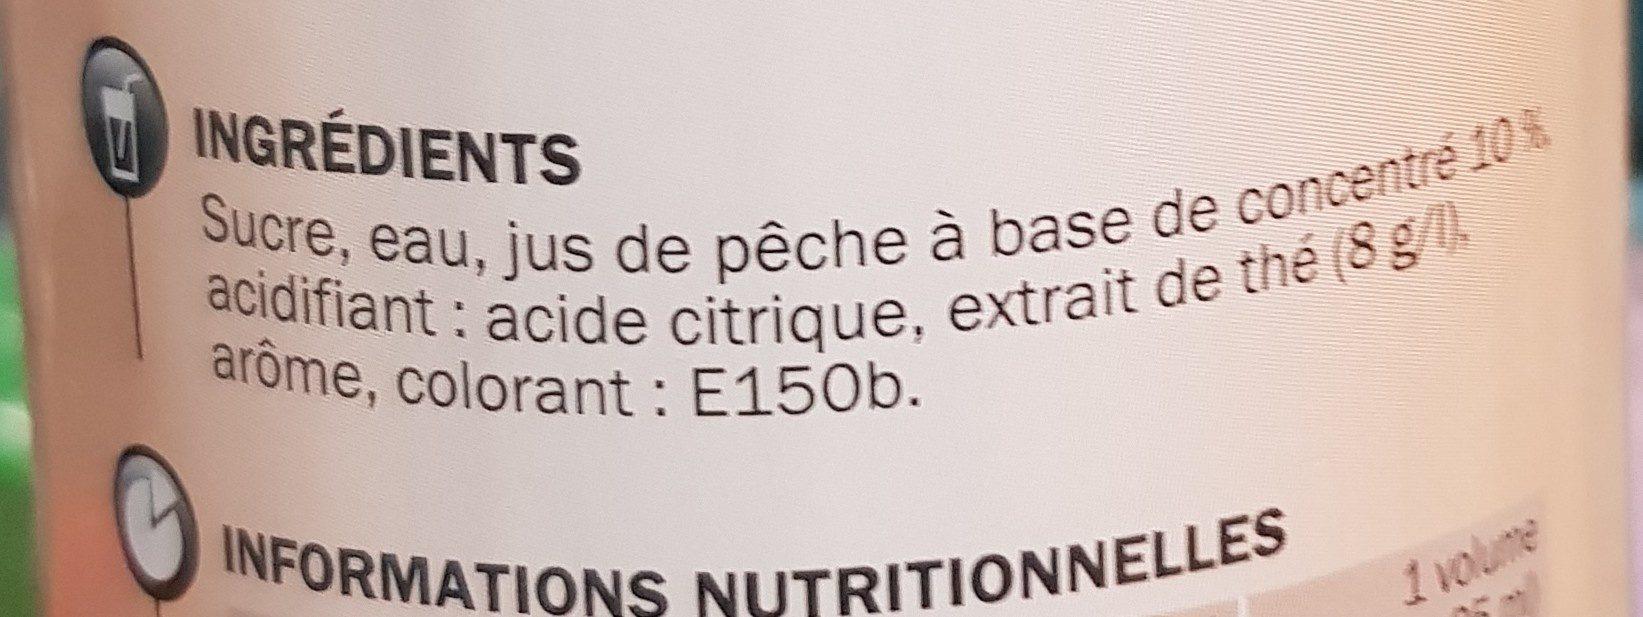 Sirop de thé pêche - Ingredients